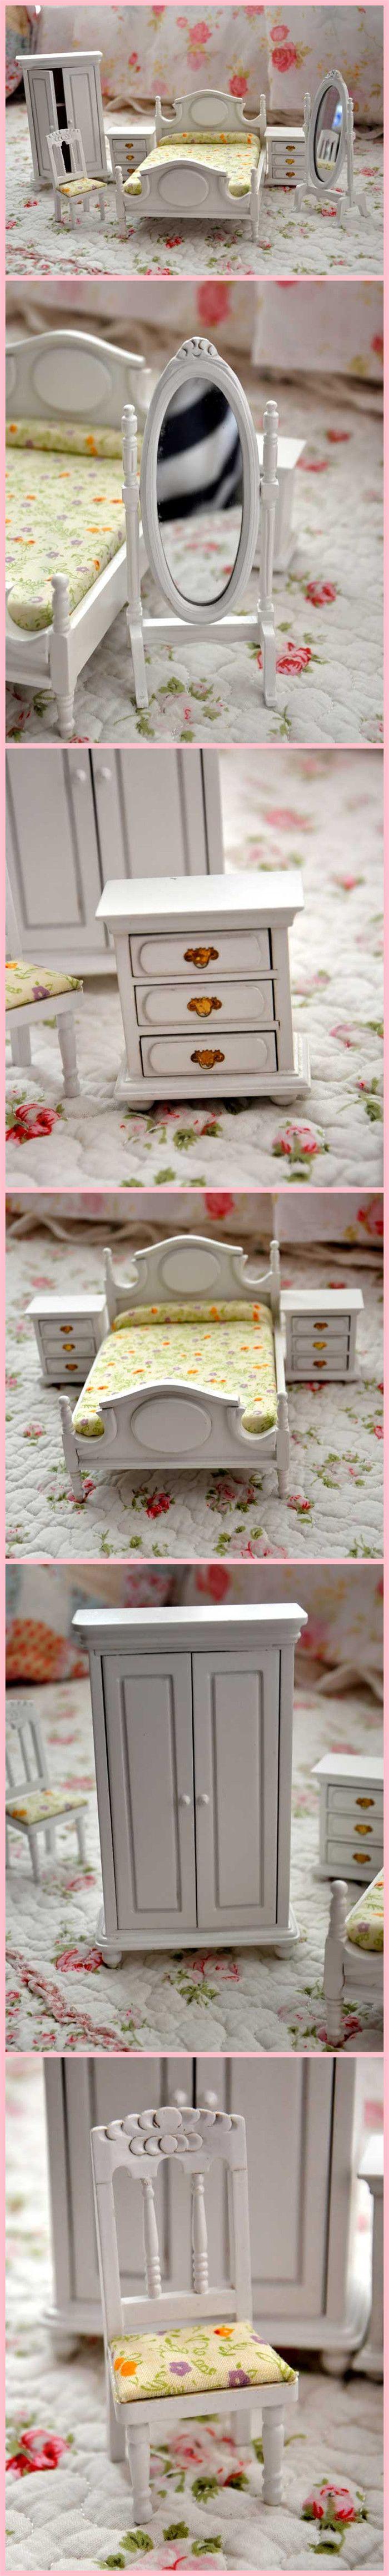 Casa de bonecas Dollhosue presente do dia de natal diy 6 peça set de madeira de móveis de bonecas em Móveis de brinquedo de Brinquedos & Lazer no AliExpress.com | Alibaba Group